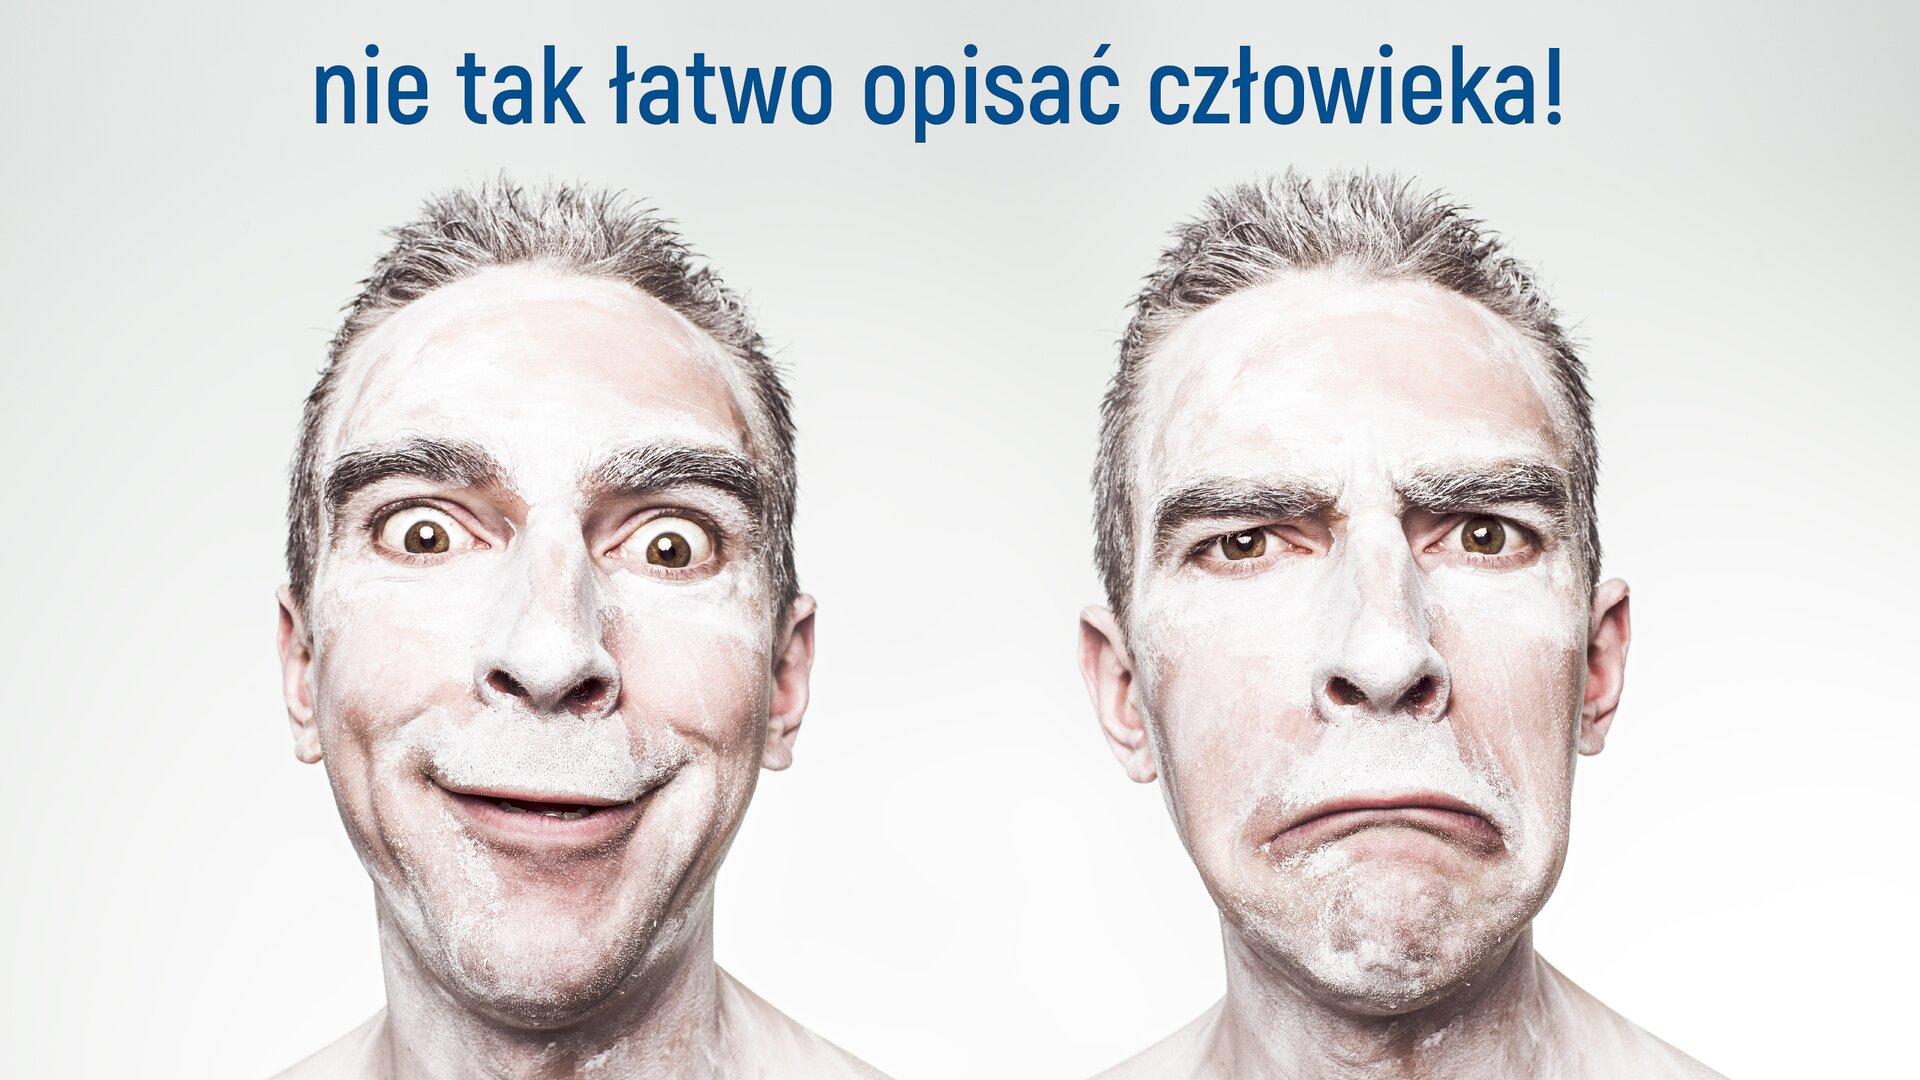 """Ilustracja przedstawia dwie twarze tego samego mężczyzny. Twarze są pomalowane białą farbą. Na pierwszej mężczyzna ma wesoła minę. Jest zadowolony ipobudzony. Ma duże oczy, akąciki ust skierowane do góry. Na drugiej, przedstawione jest przeciwieństwo pierwszej twarzy. Mężczyzna wygląda na smutnego iprzygnębionego. Oczy są dużo mniejsze, akąciki jego ust skierowane są wdół. Ilustracja jest podpisana: """"nie tak łatwo opisać człowieka!""""."""